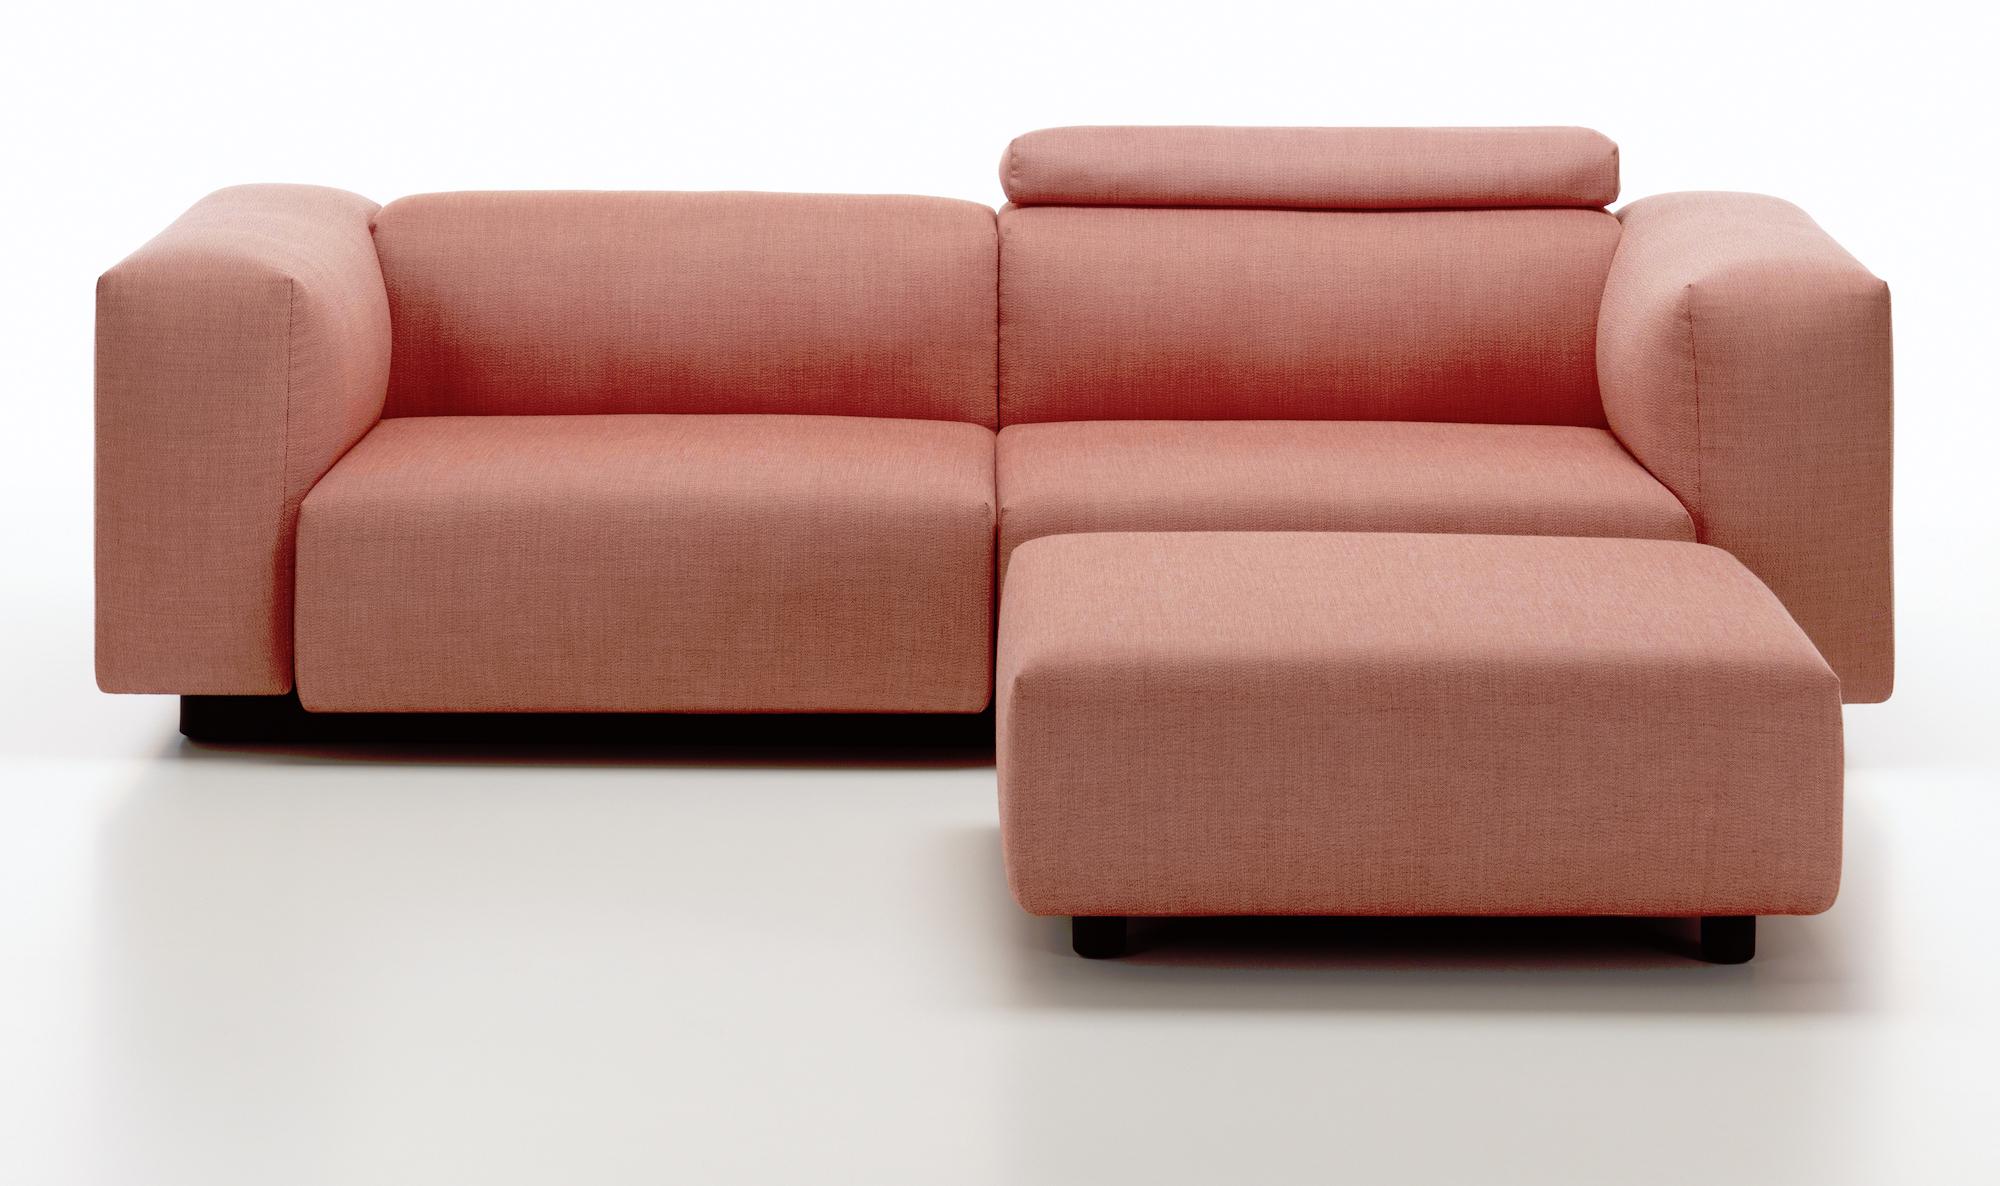 Vitra Soft Modular Sofa Jasper Morrison